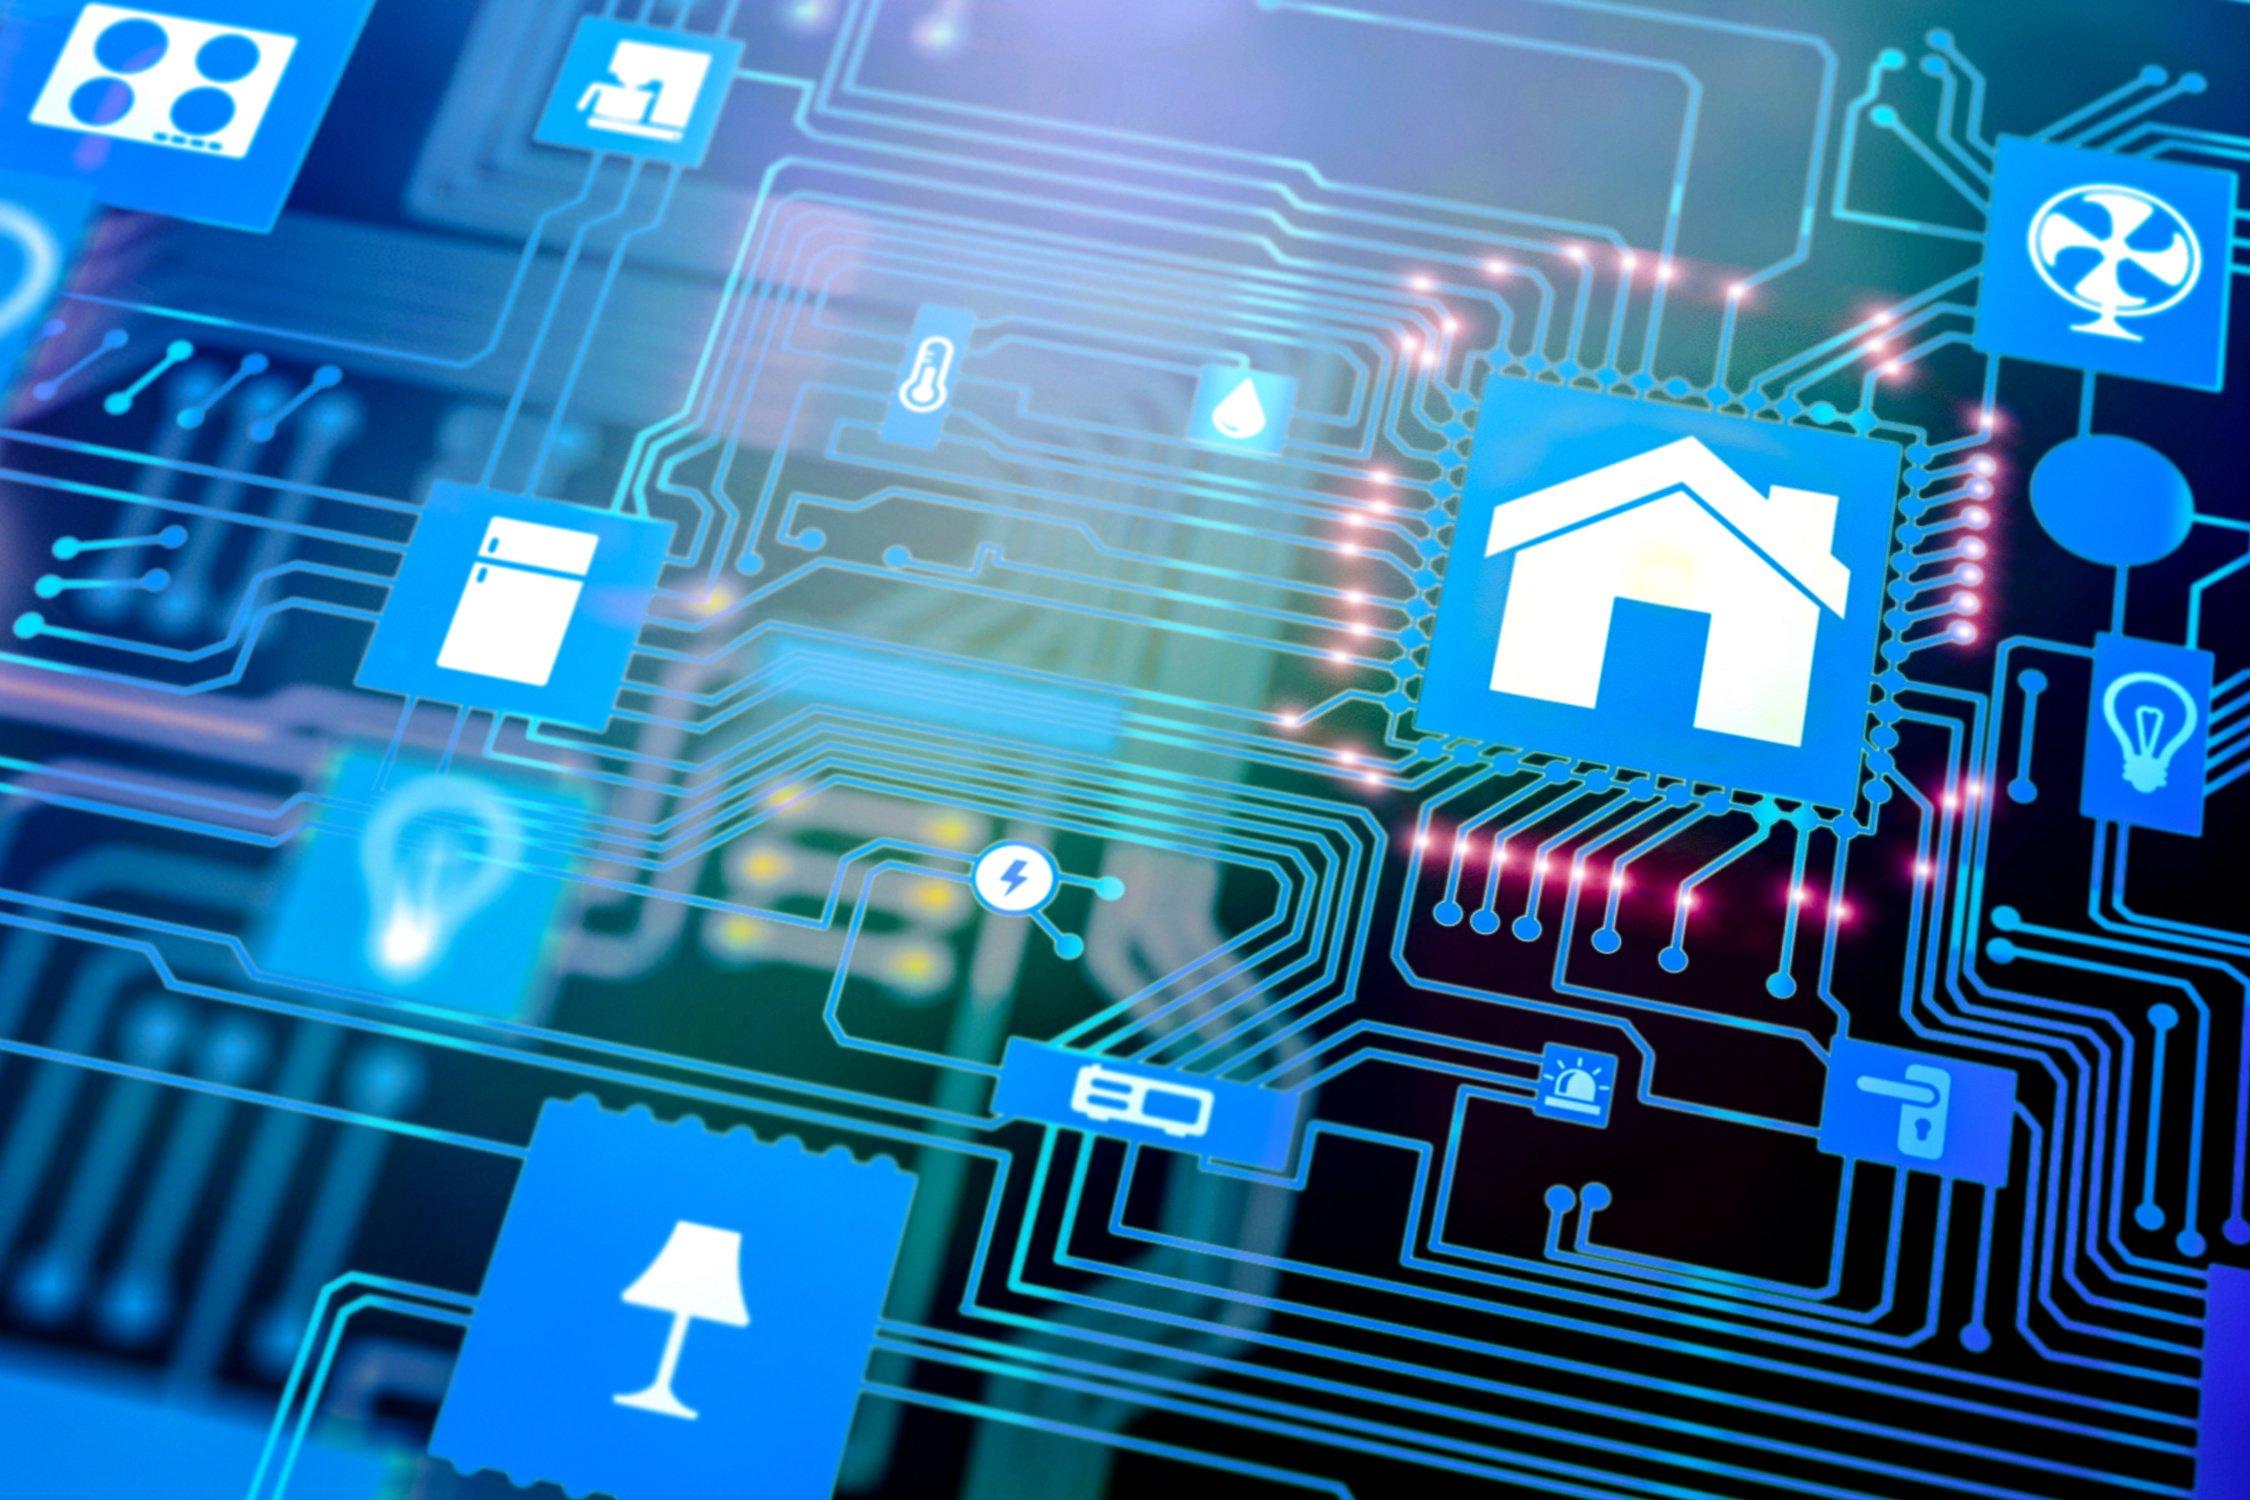 Цифровое ЖКХ- IoT, автоматизация, умные системы безопасности